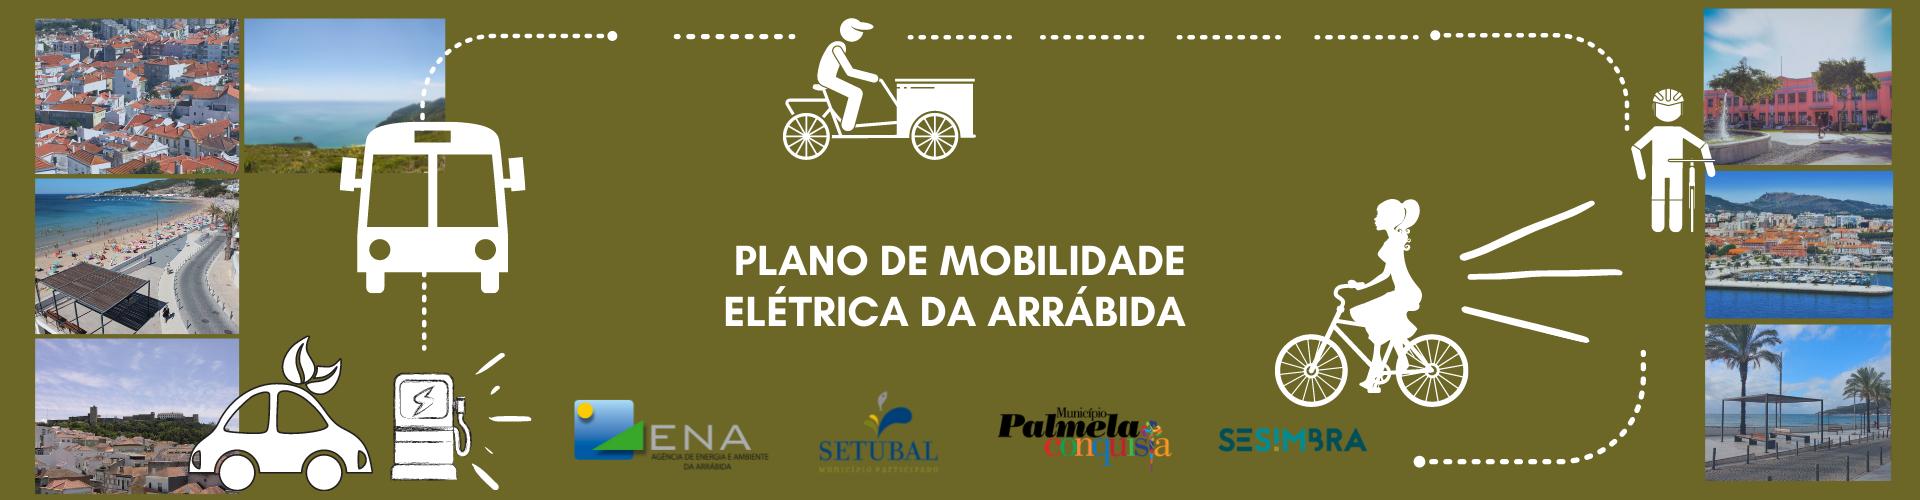 PLANO DE MOBILIDADE ELÉTRICA DA ARRÁBIDA